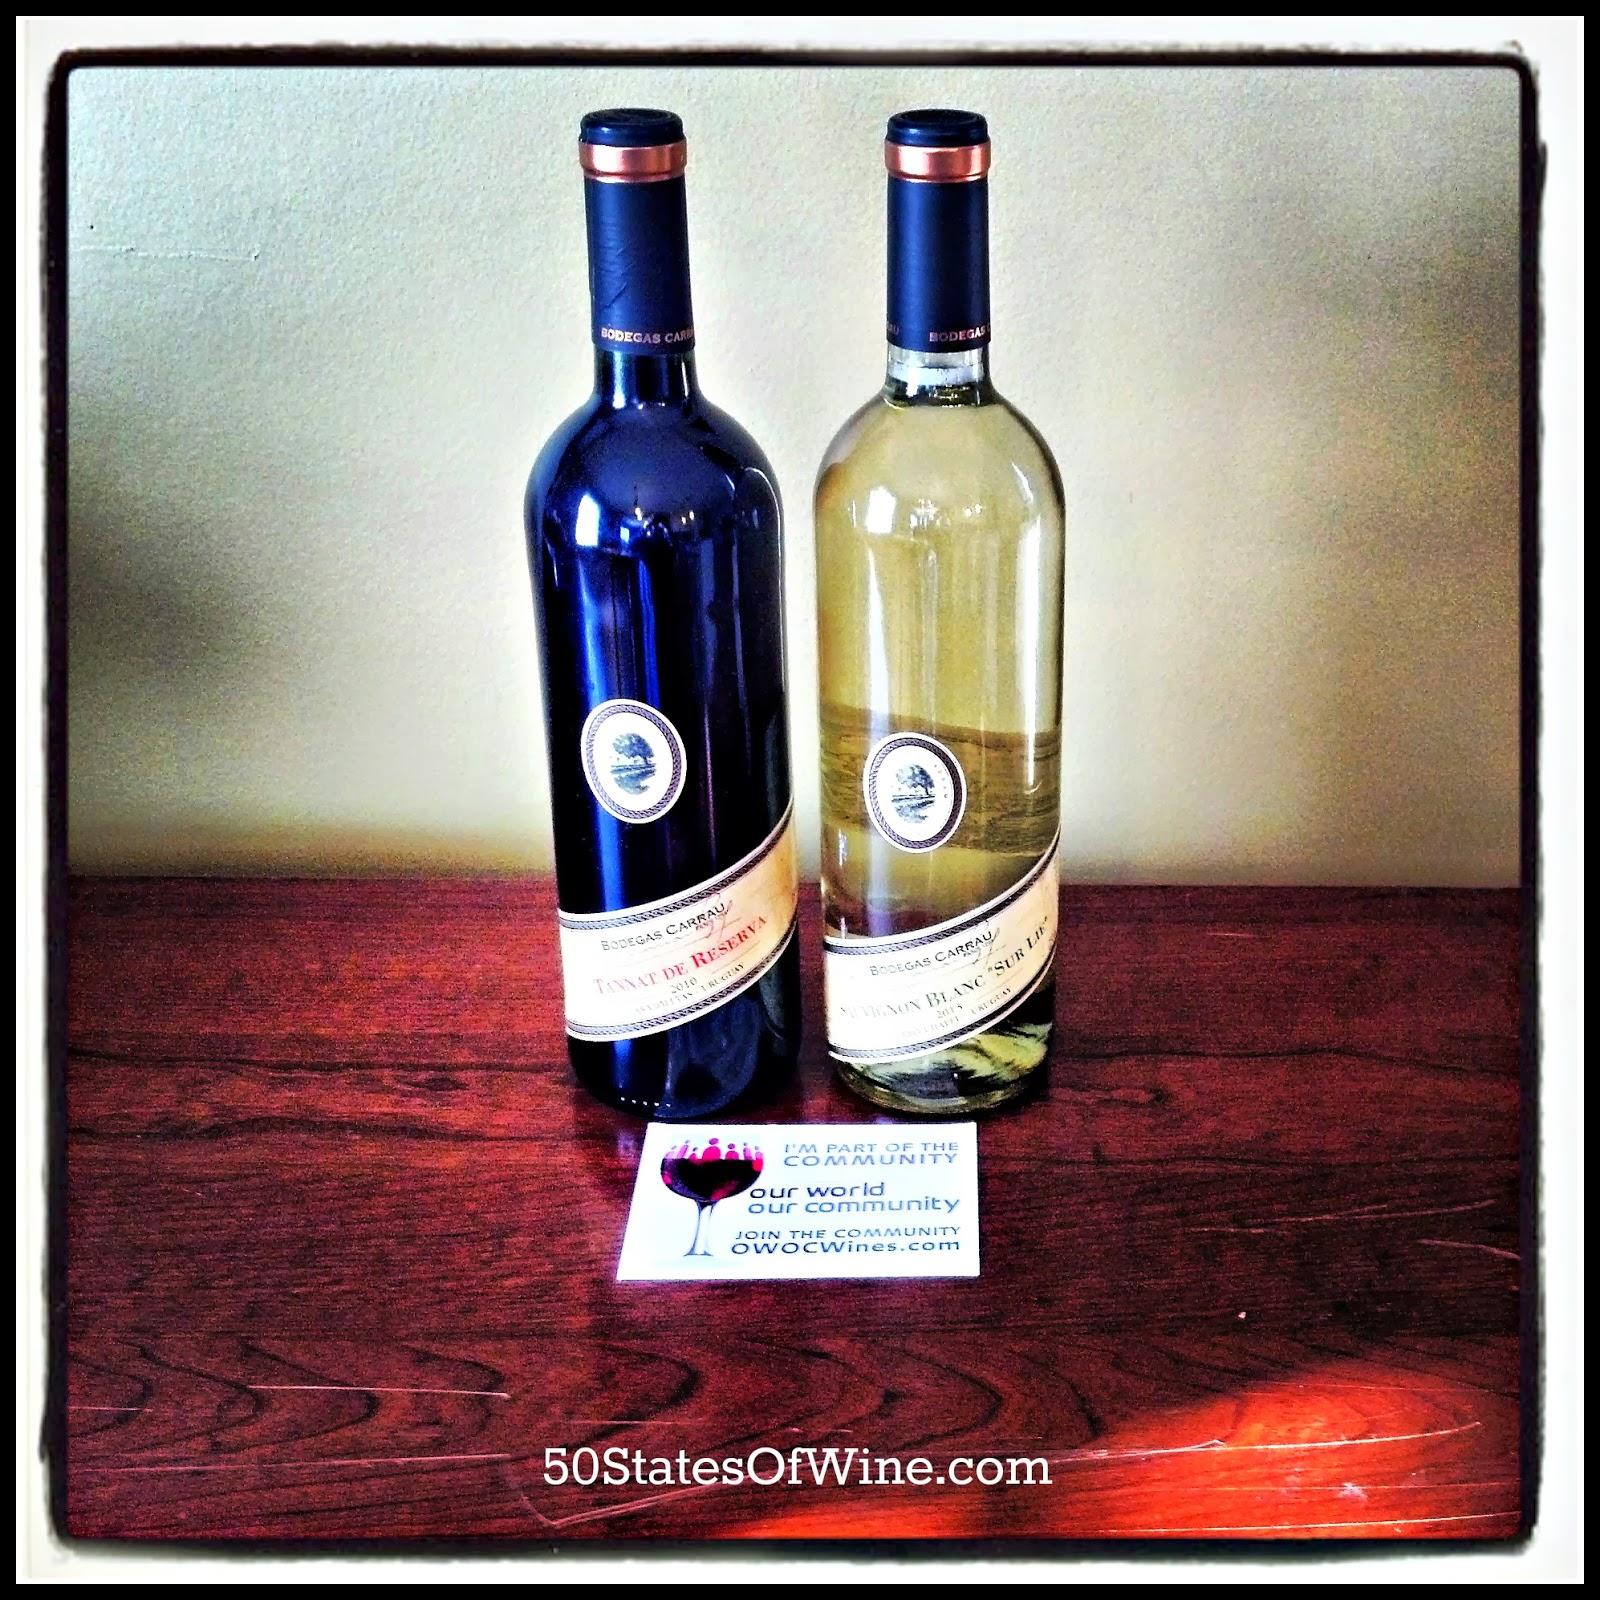 #Winechat: Bodegas Carrau